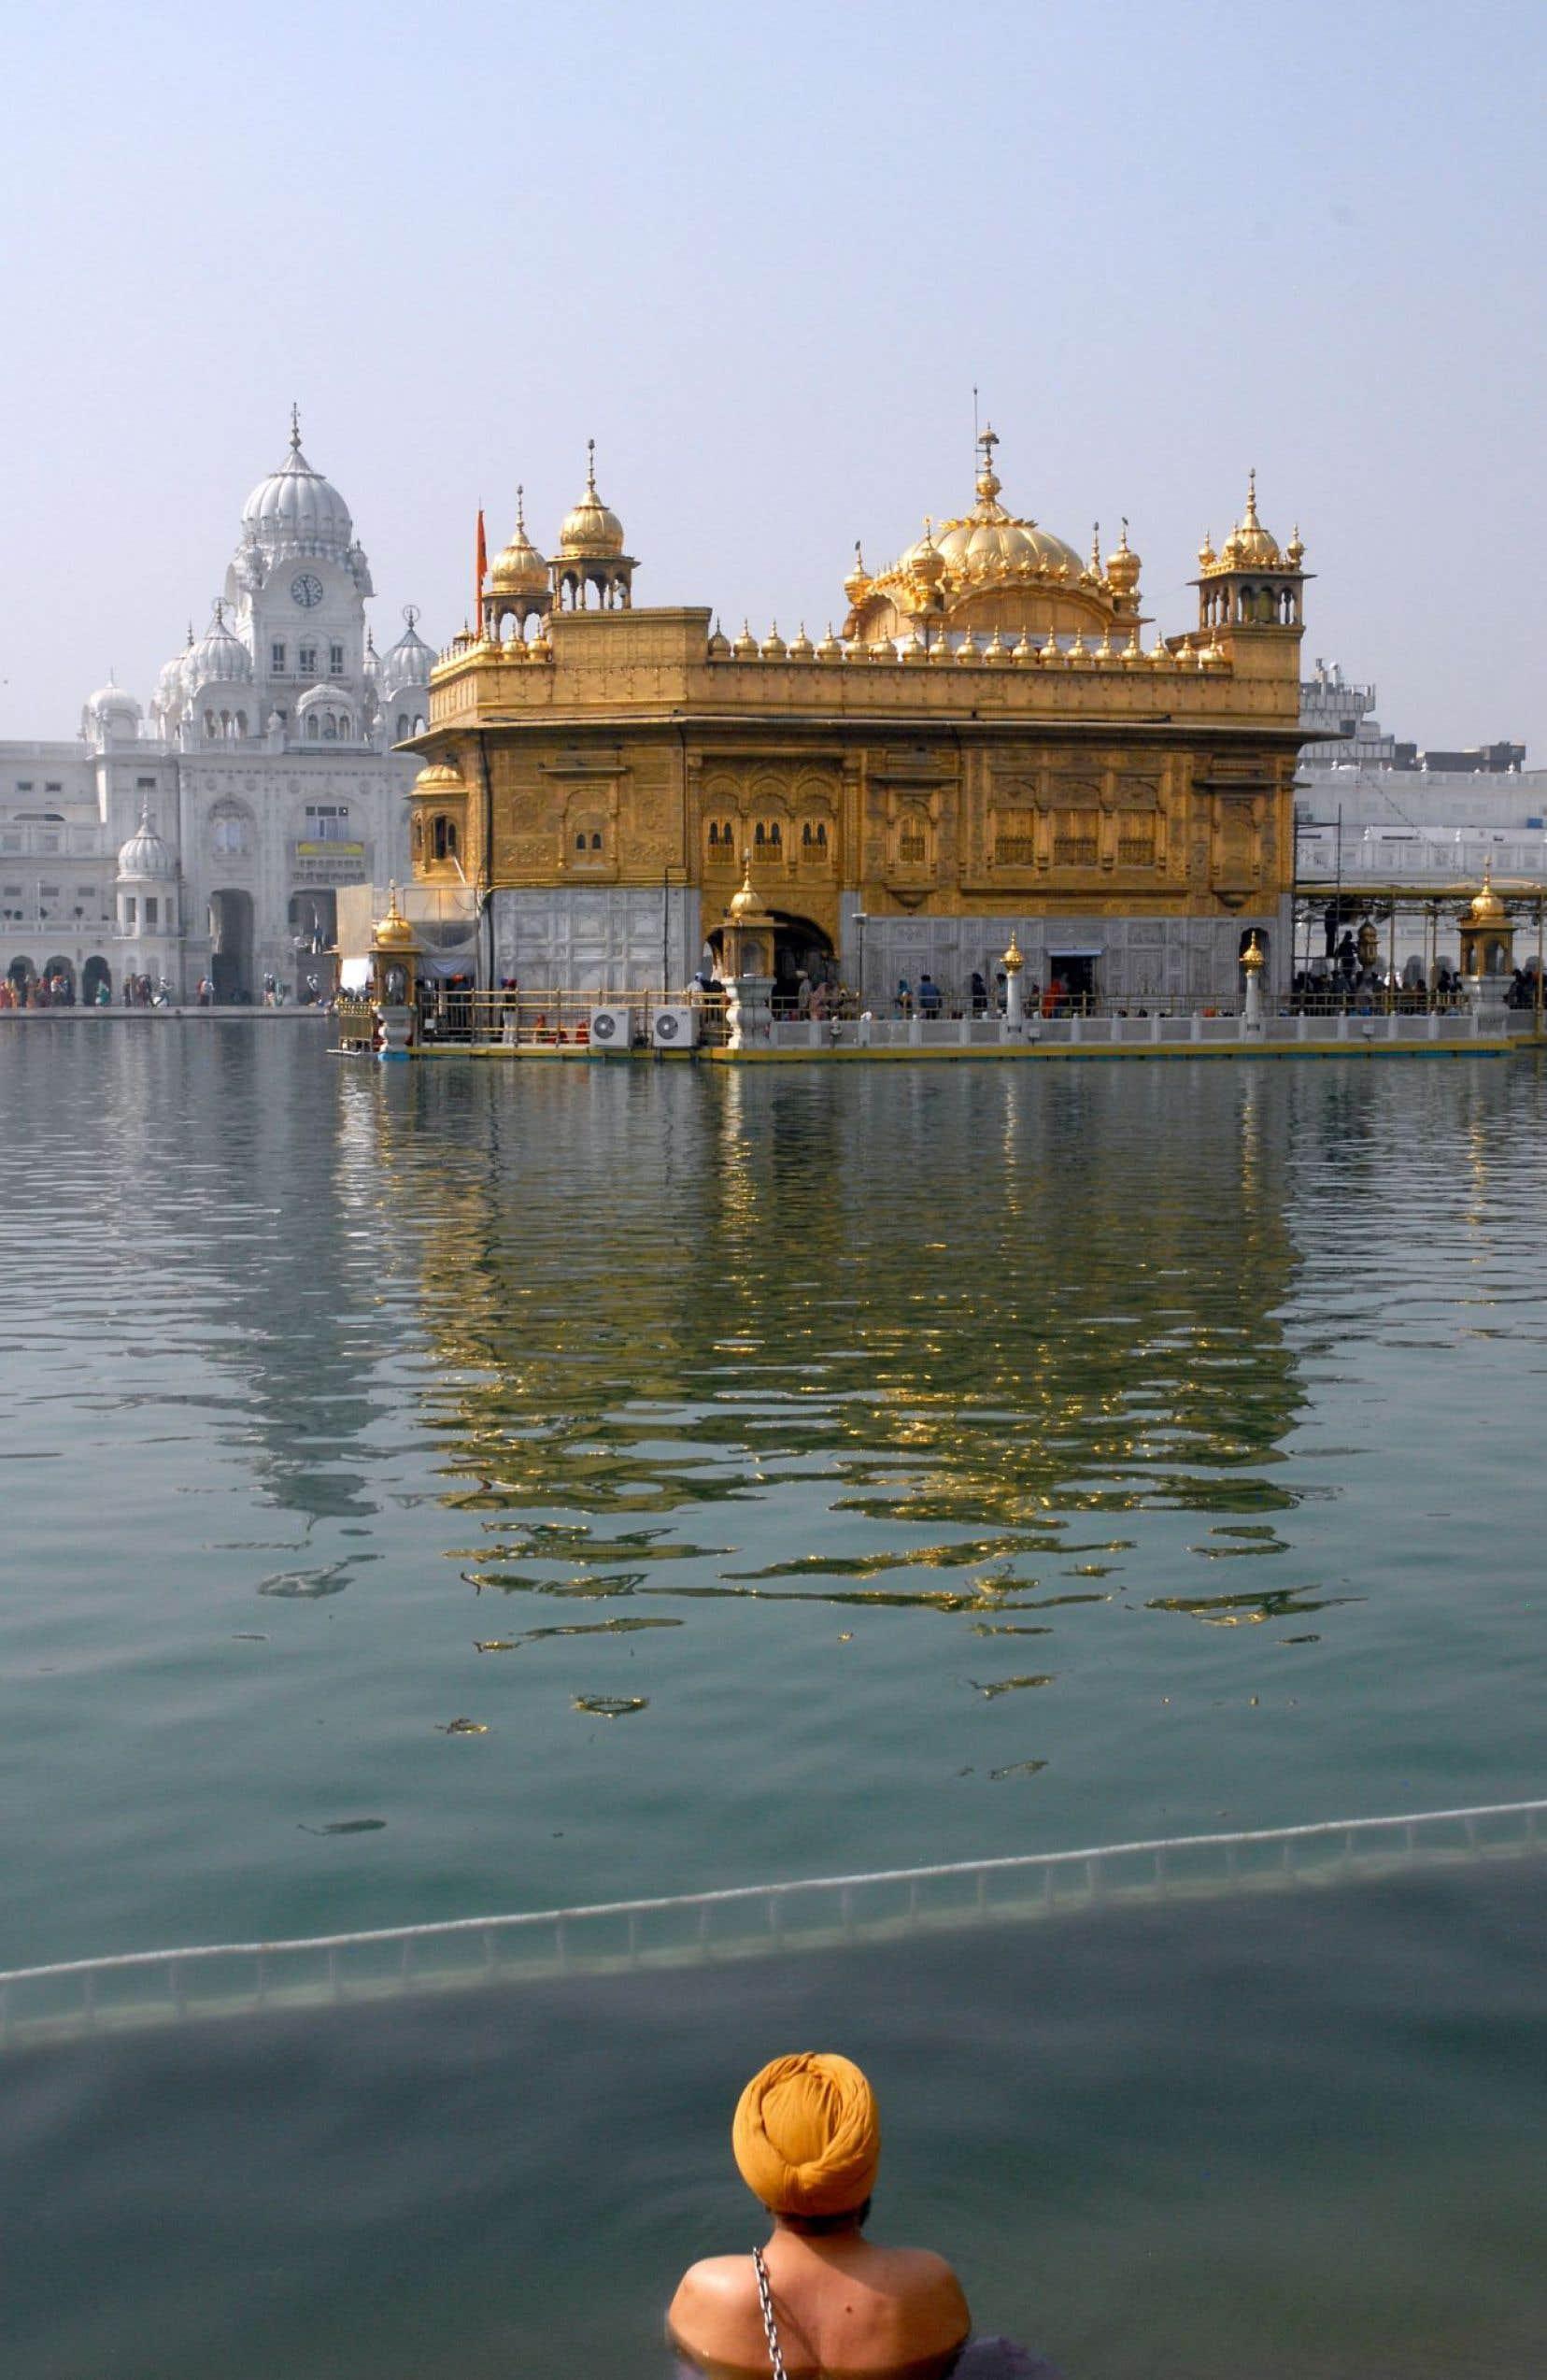 Un sikh fait ses ablutions dans le bassin de Nectar, face au Temple d'or.